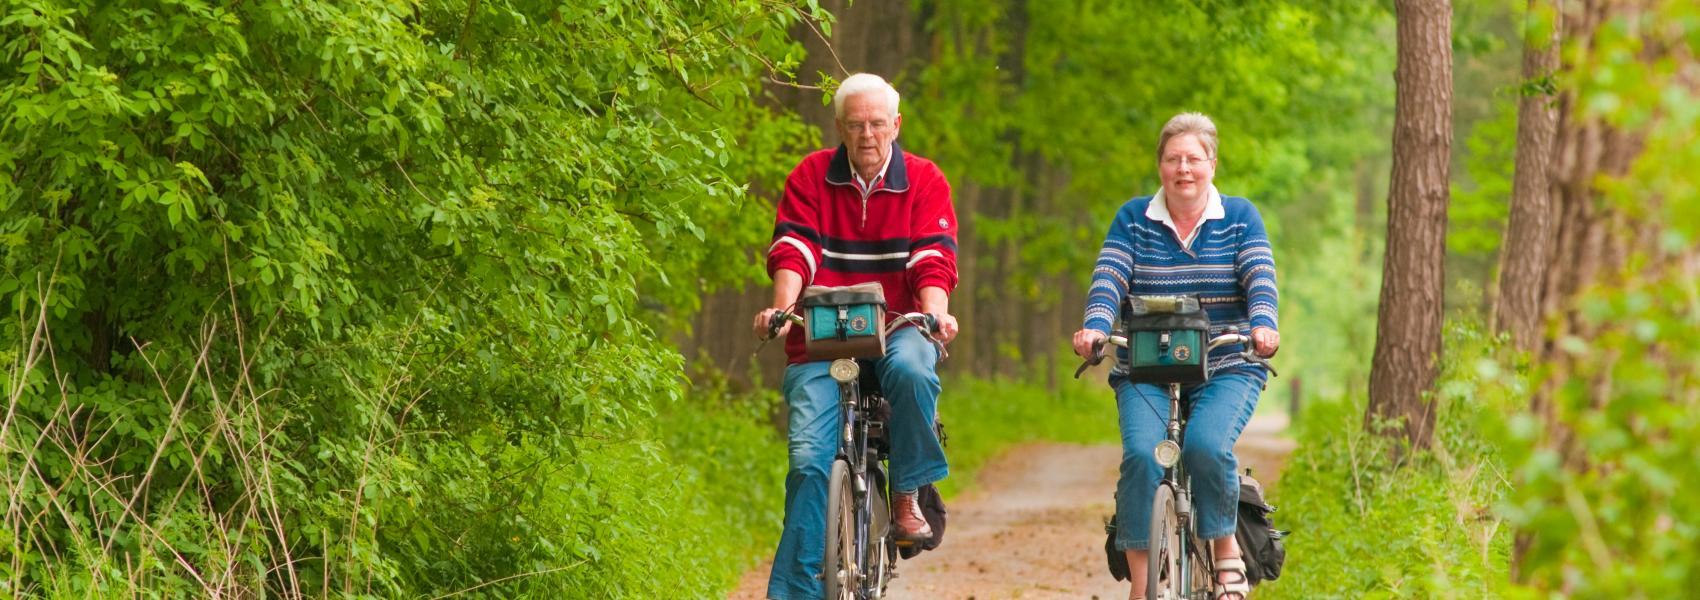 fietsers in het bos